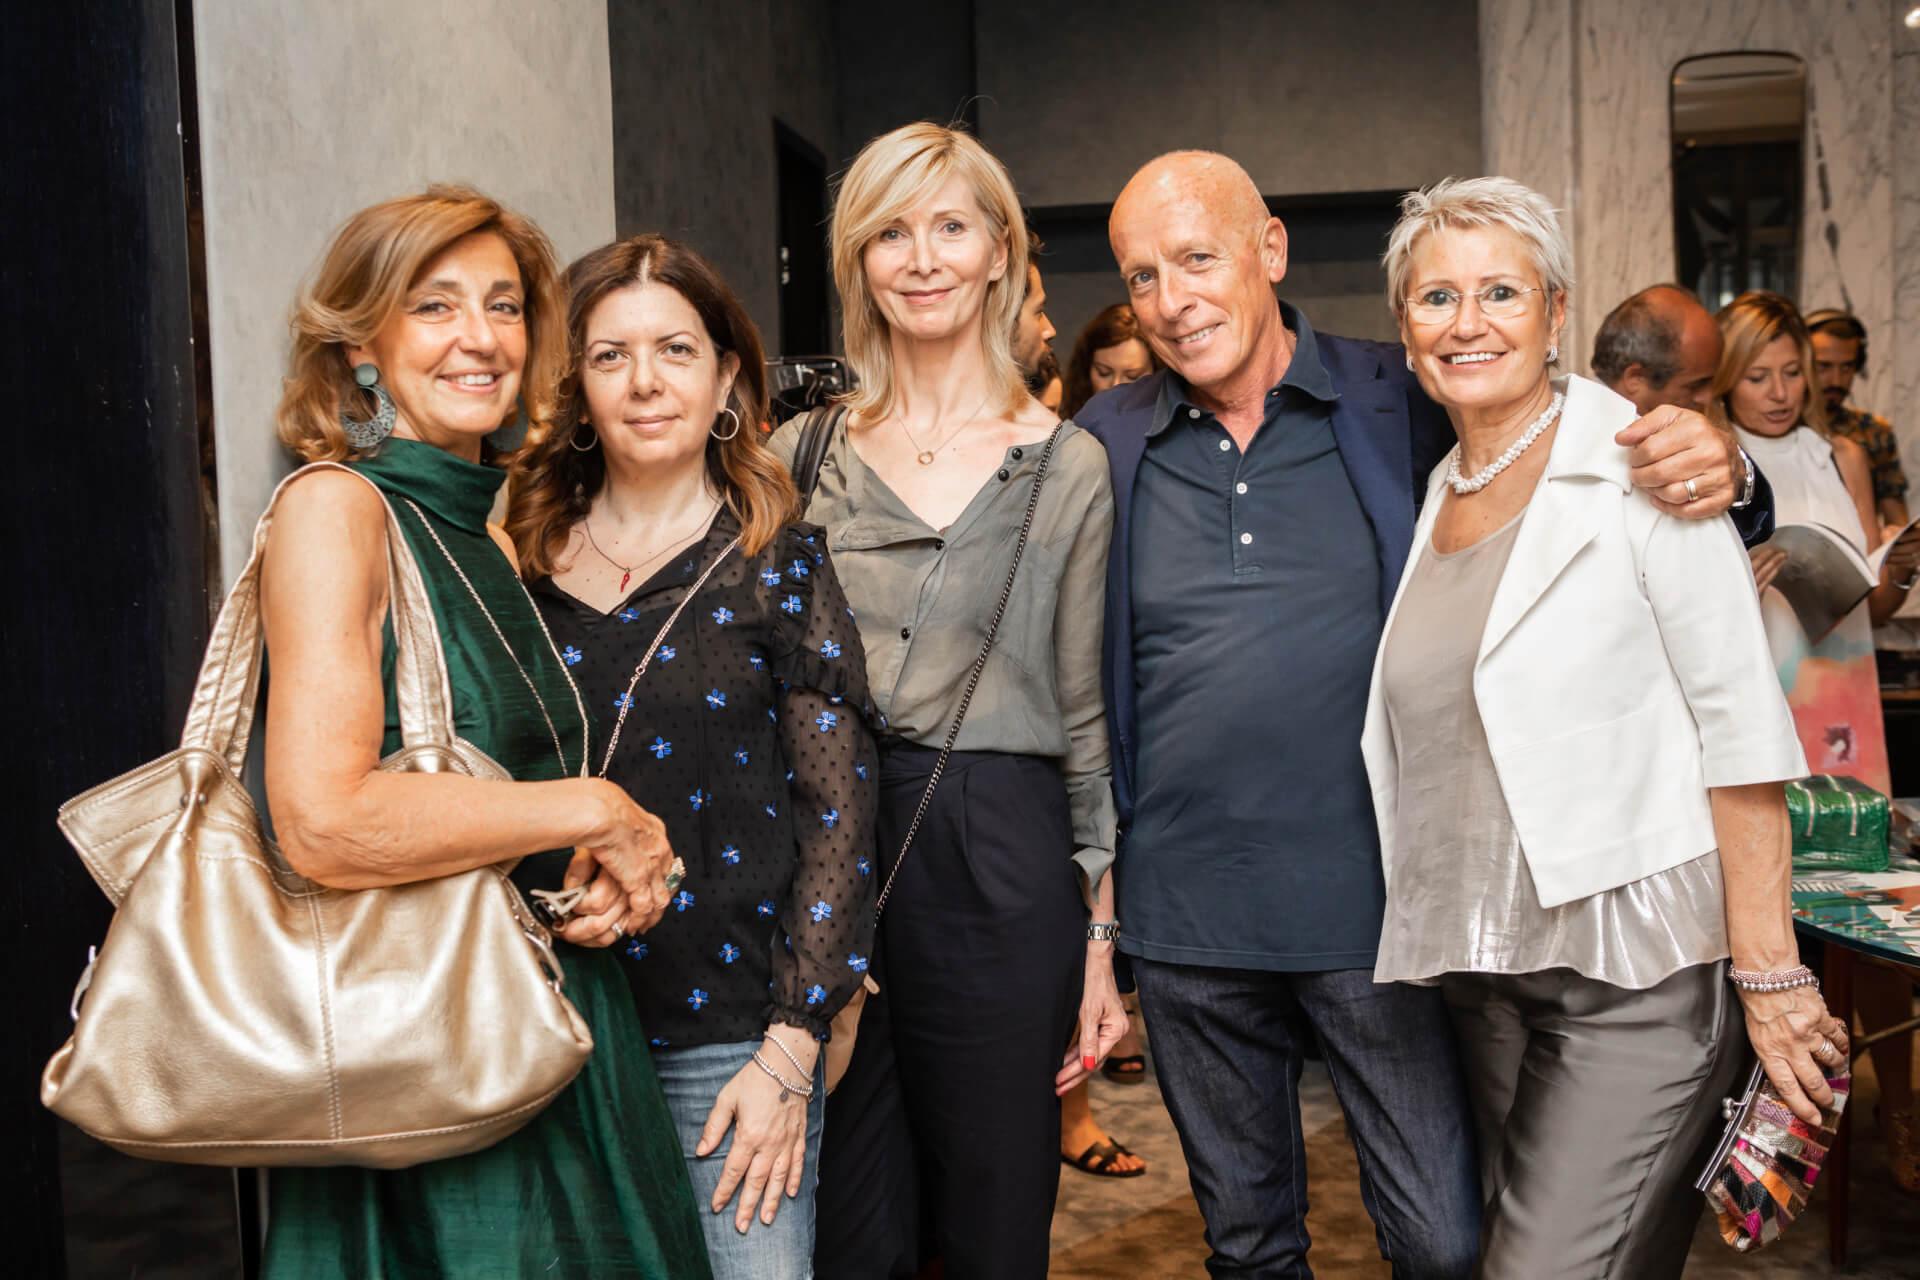 Daniela Prestinoni, Tiziana Accoti, Vesna Grbac, Piero Menzanzanica, Elisabetta Colombo